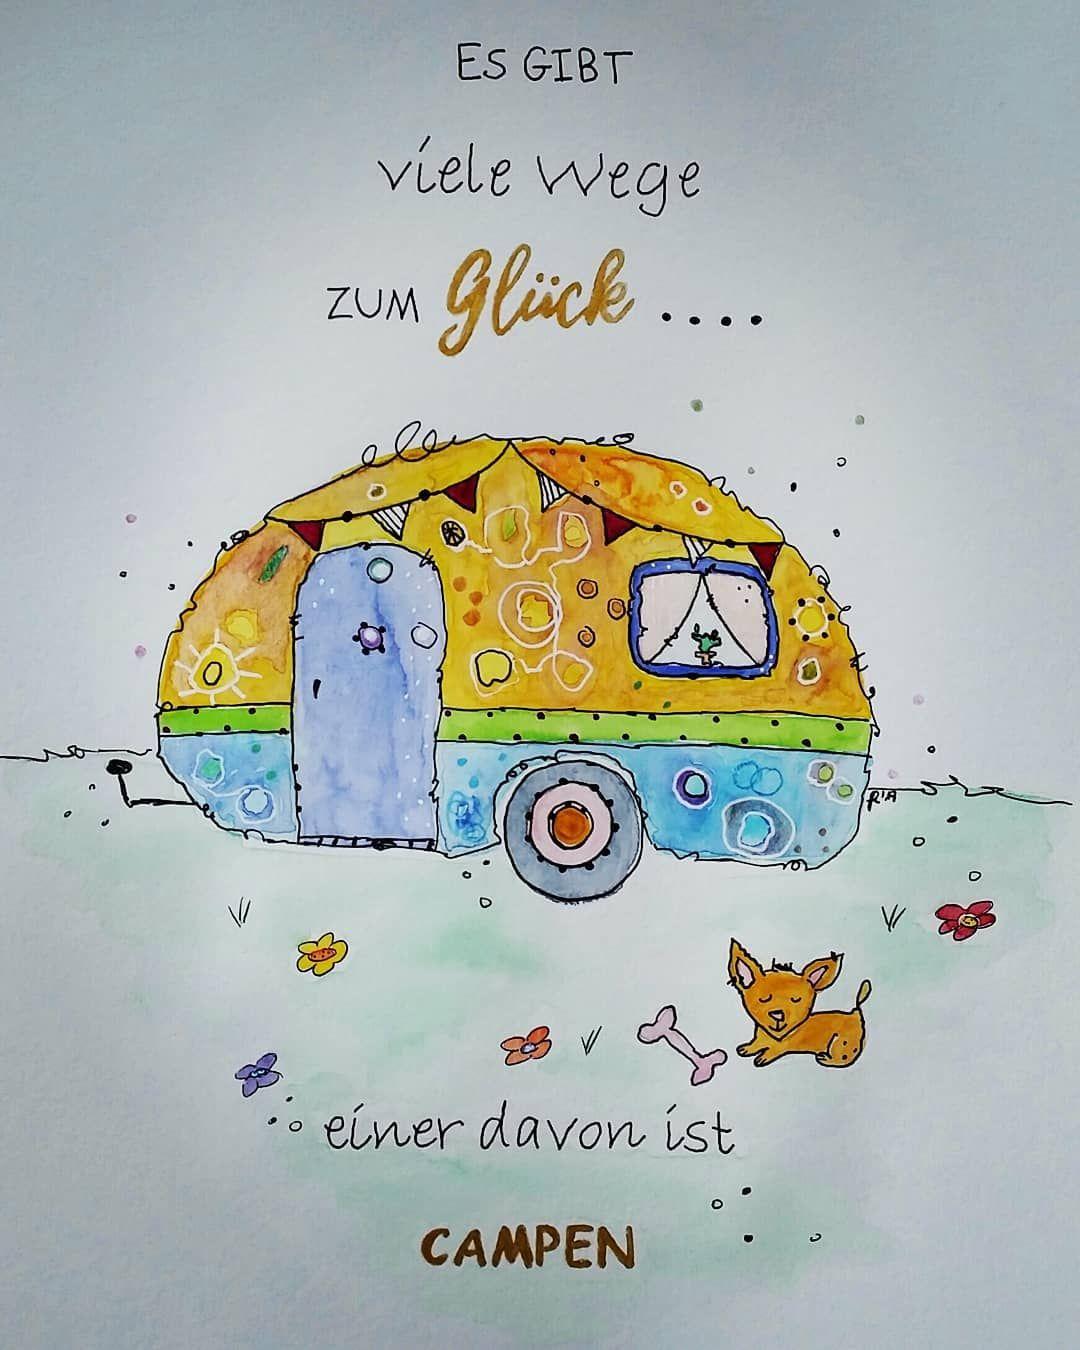 Pin Von Anne Florien Auf Bilder 2020 Zeichnungen Malen Bilder